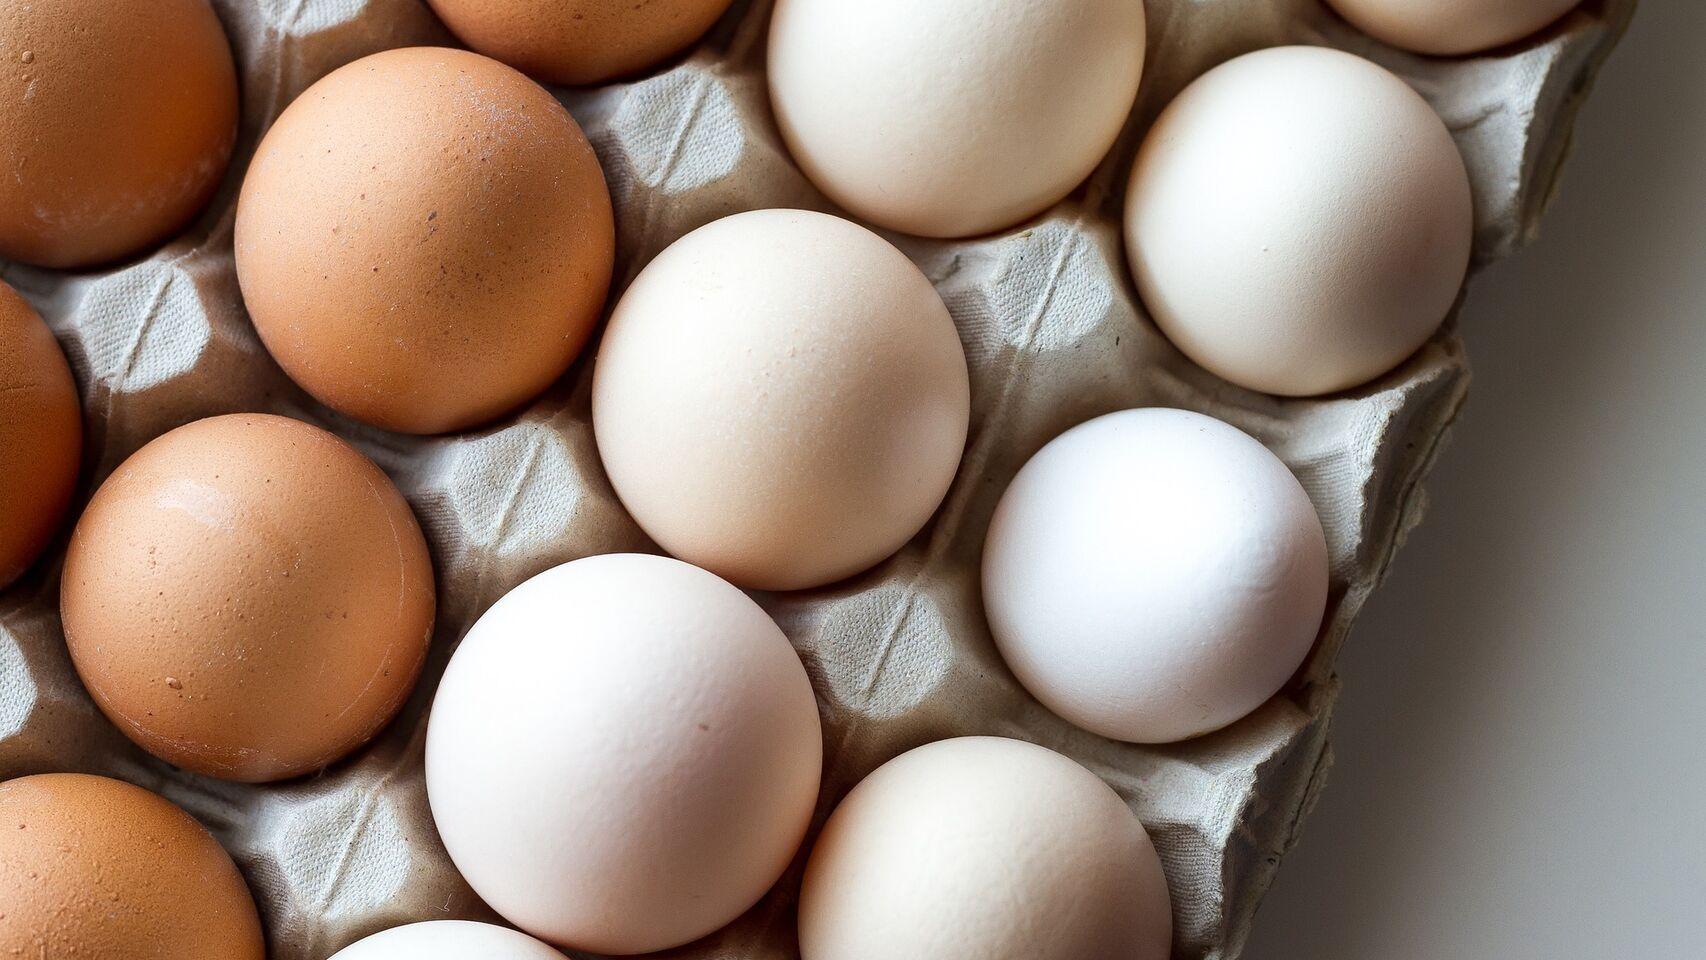 El truco infalible para saber si los huevos que te han vendido son realmente frescos